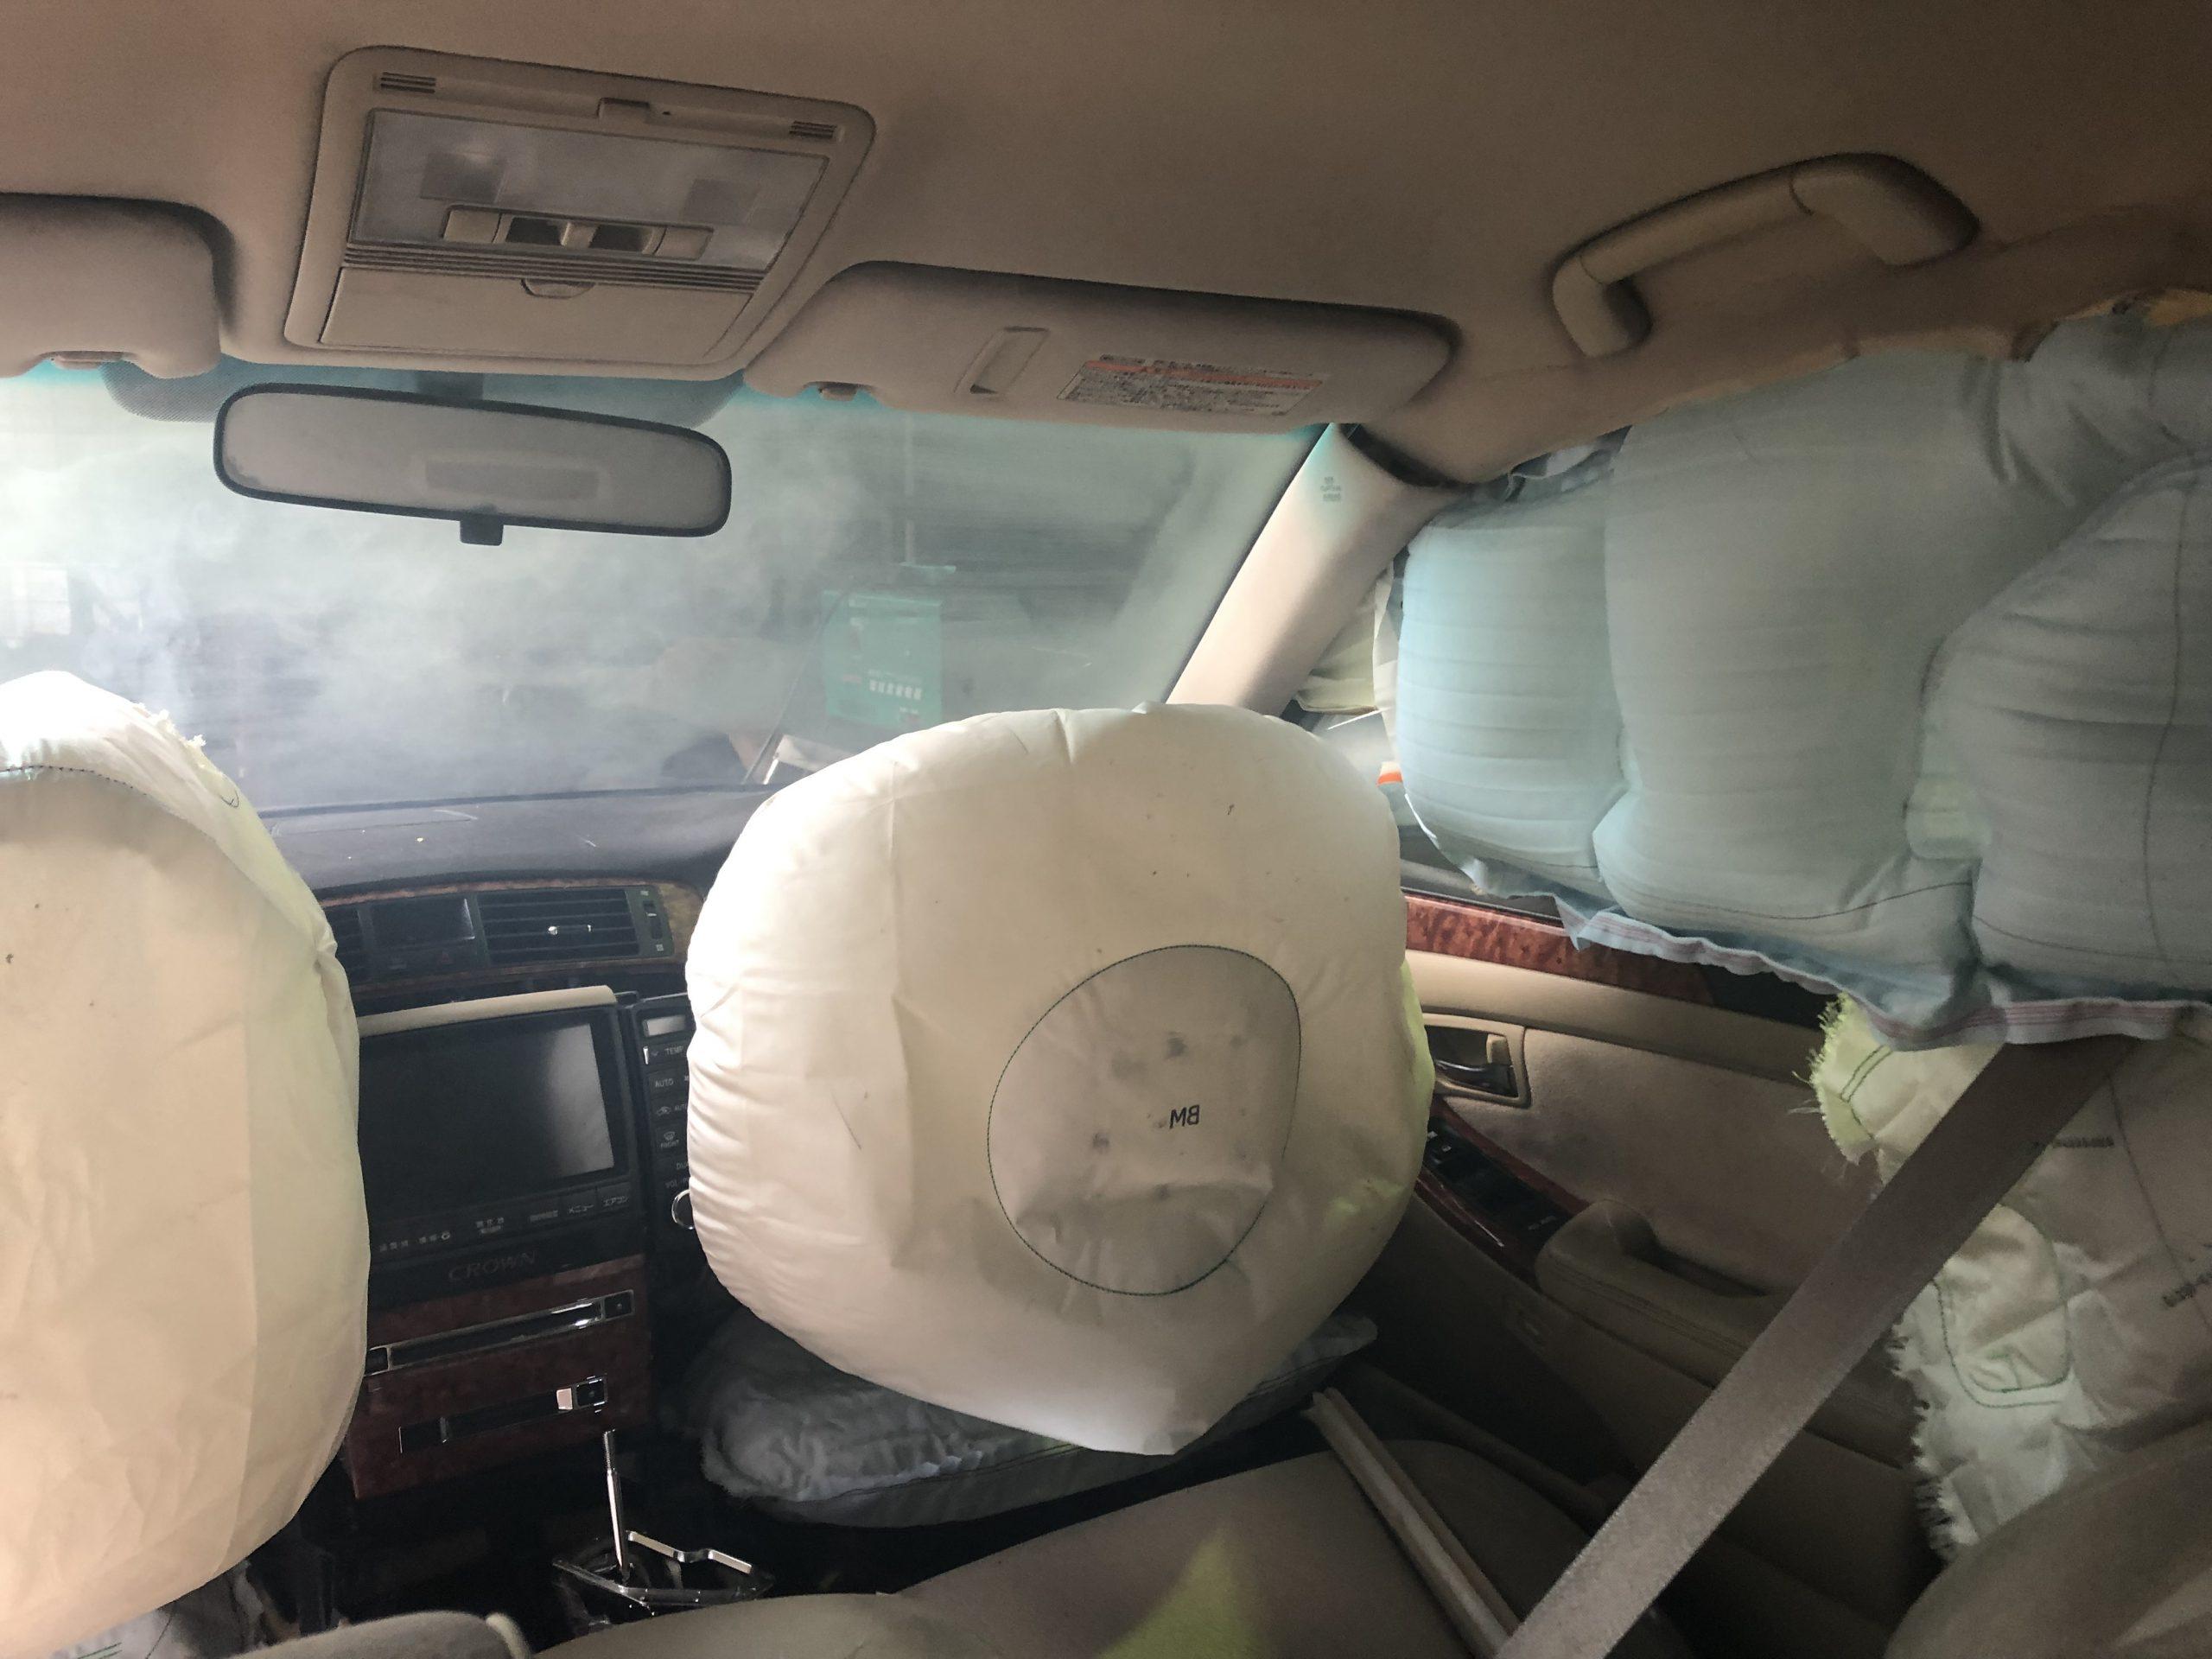 エアバック作動直後の様子、煙が車内に充満しているのが分かる